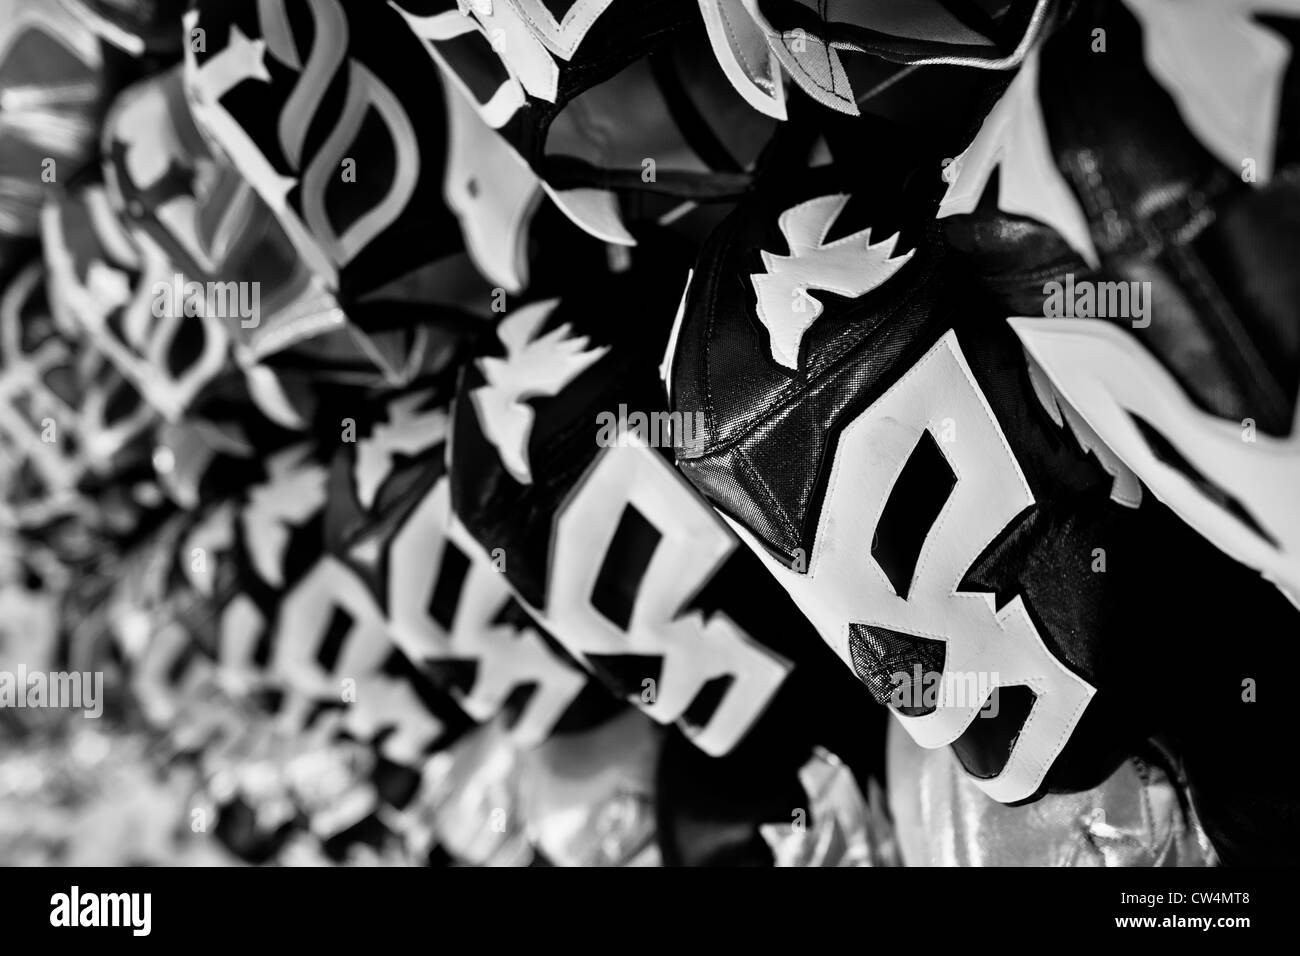 Les masques de catch Lucha Libre, inspiré par ceux portés par les lutteurs professionnels, exposés Photo Stock